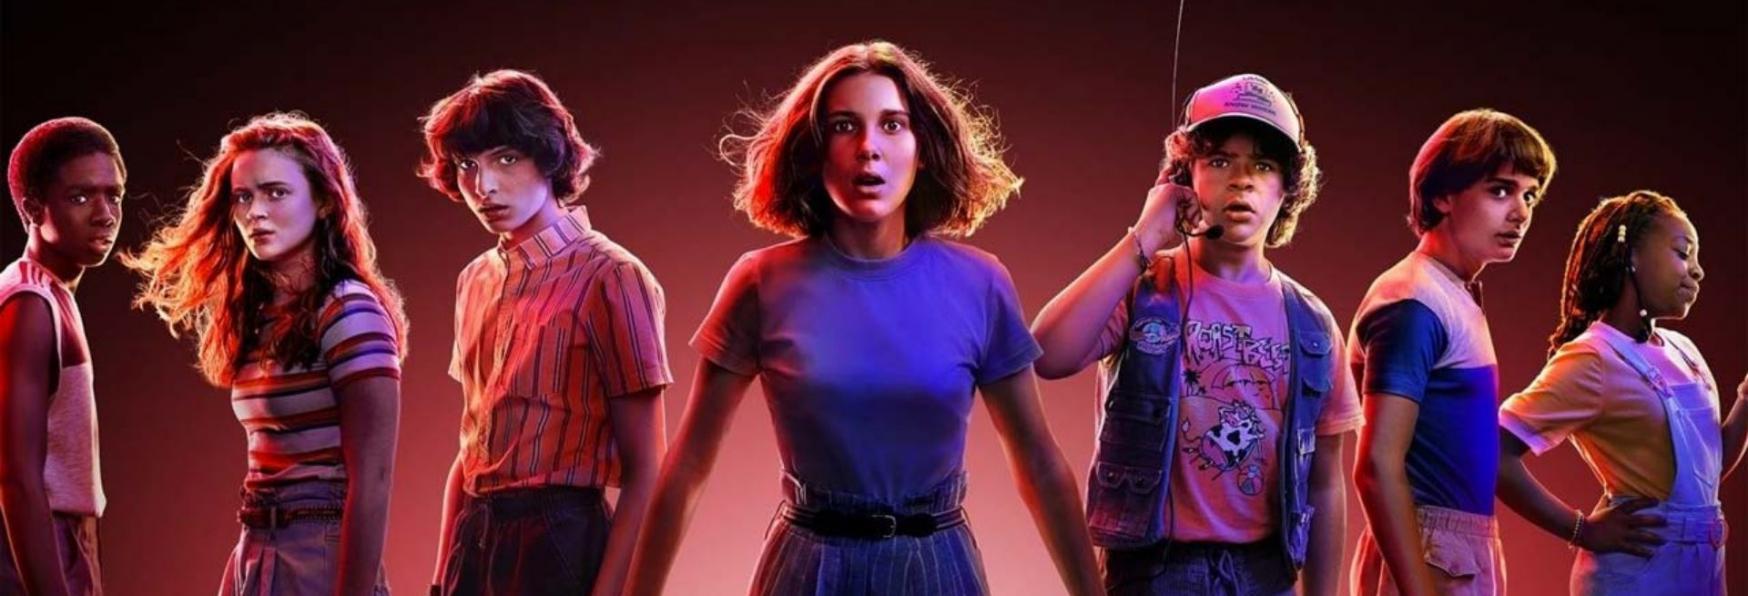 Stranger Things 4: in Pausa per il Coronavirus la nuova Stagione dell'amata Serie TV Netflix